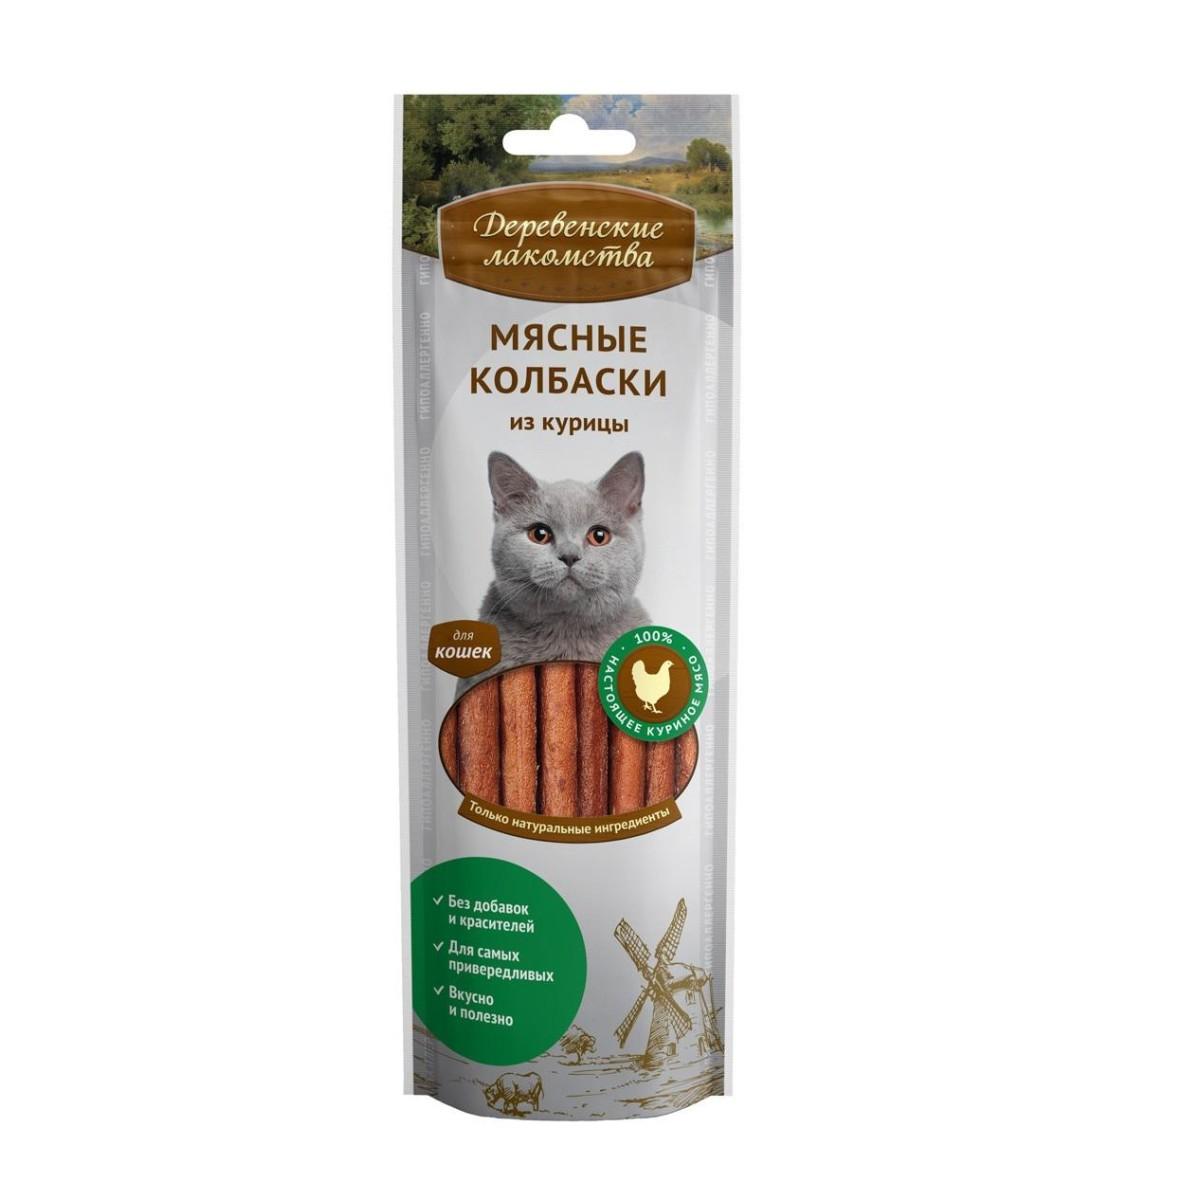 Деревенские лакомства для кошек Мясные колбаски из курицы